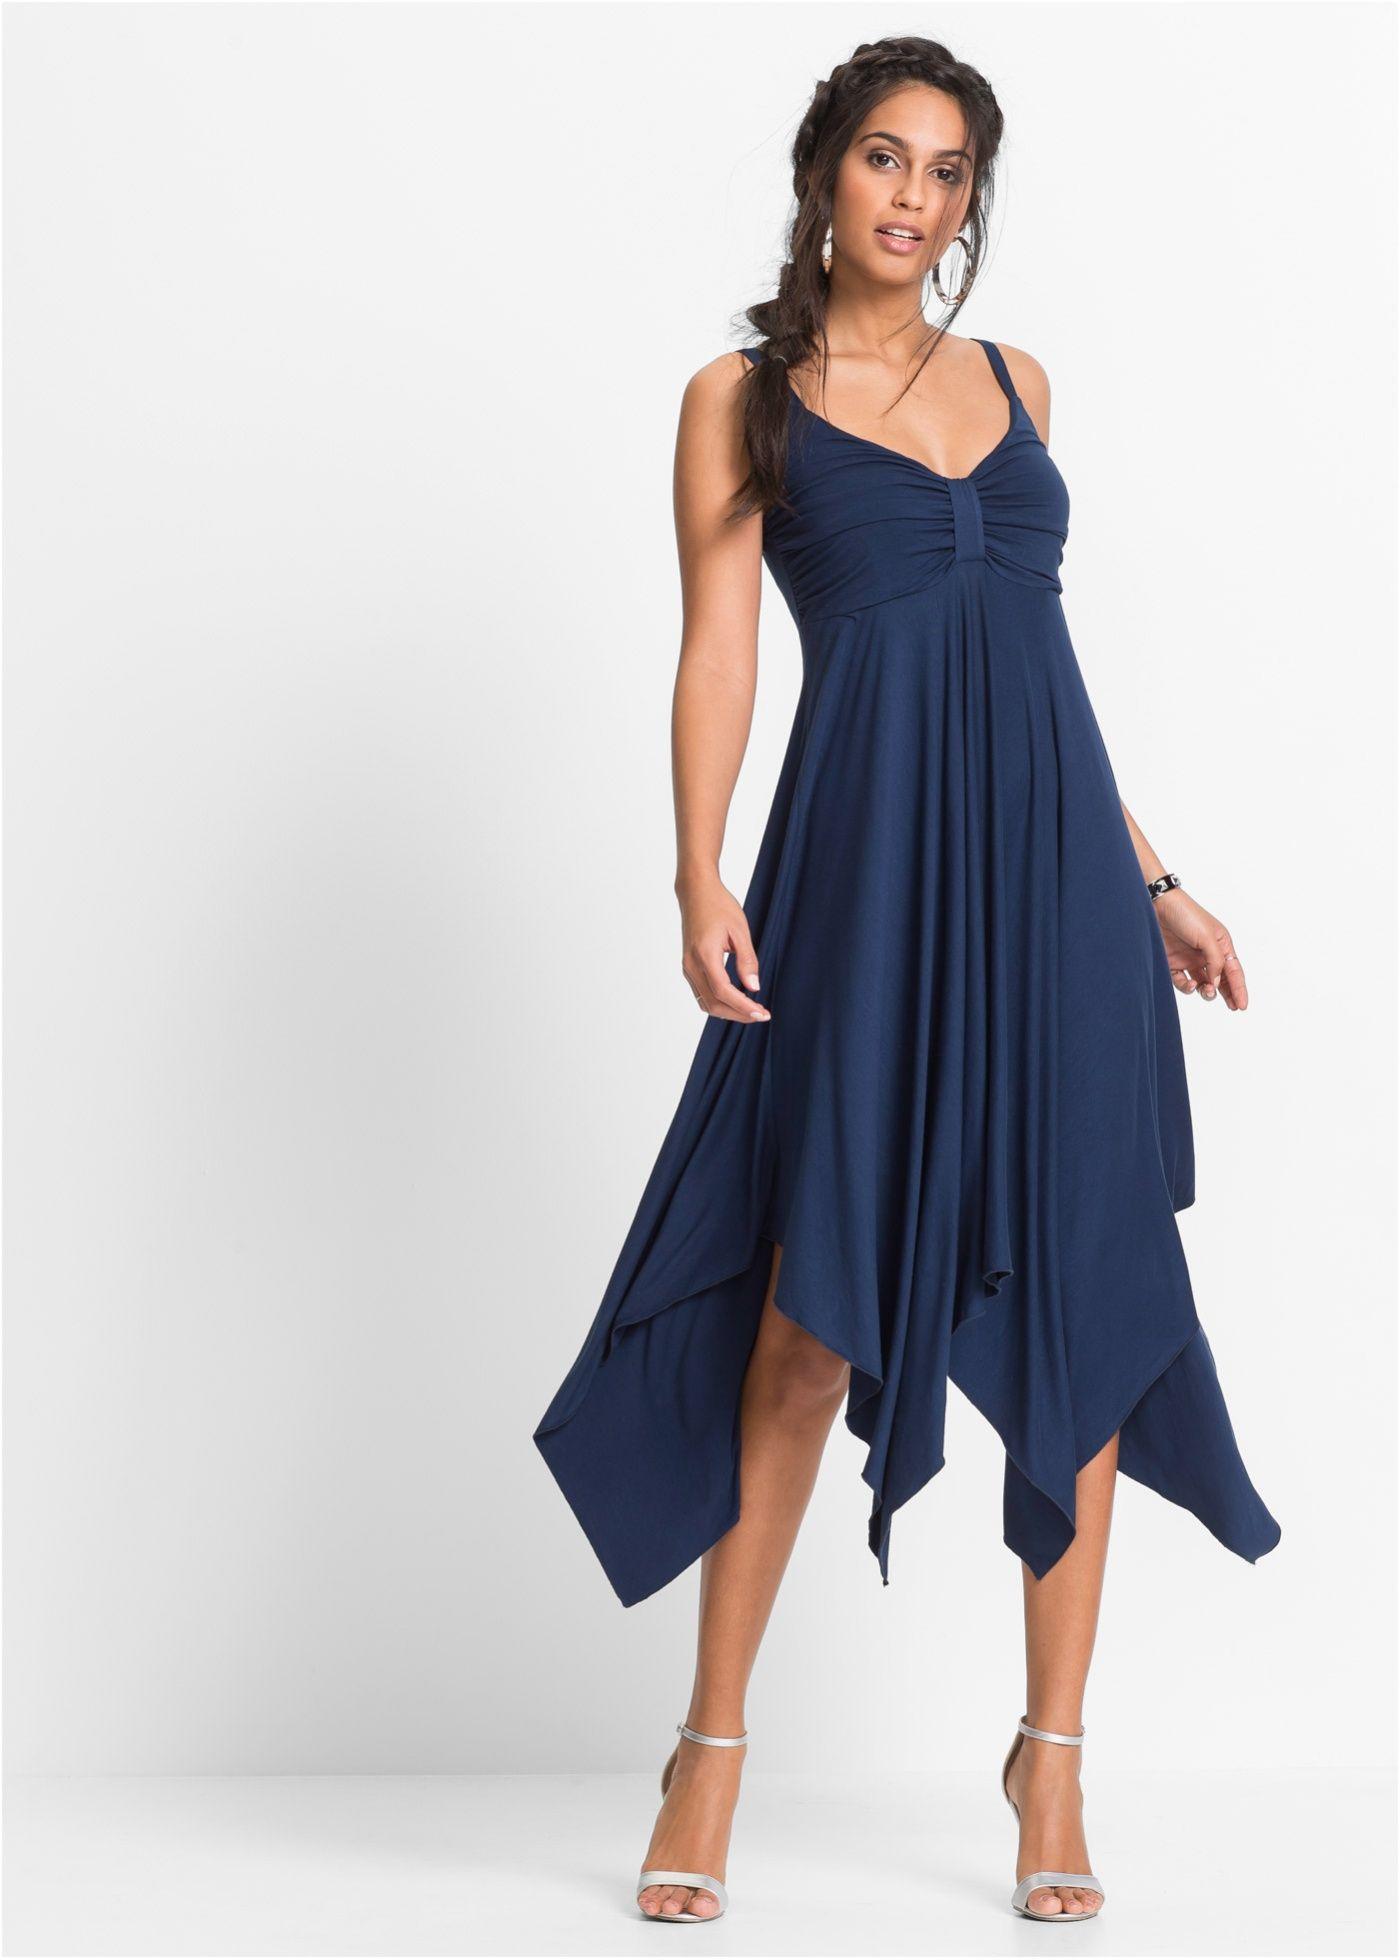 2bda7c51faa3 Beställ Klänning med asymmetrisk nederkant mörkblå nu från 249.- kr i  online-butiken